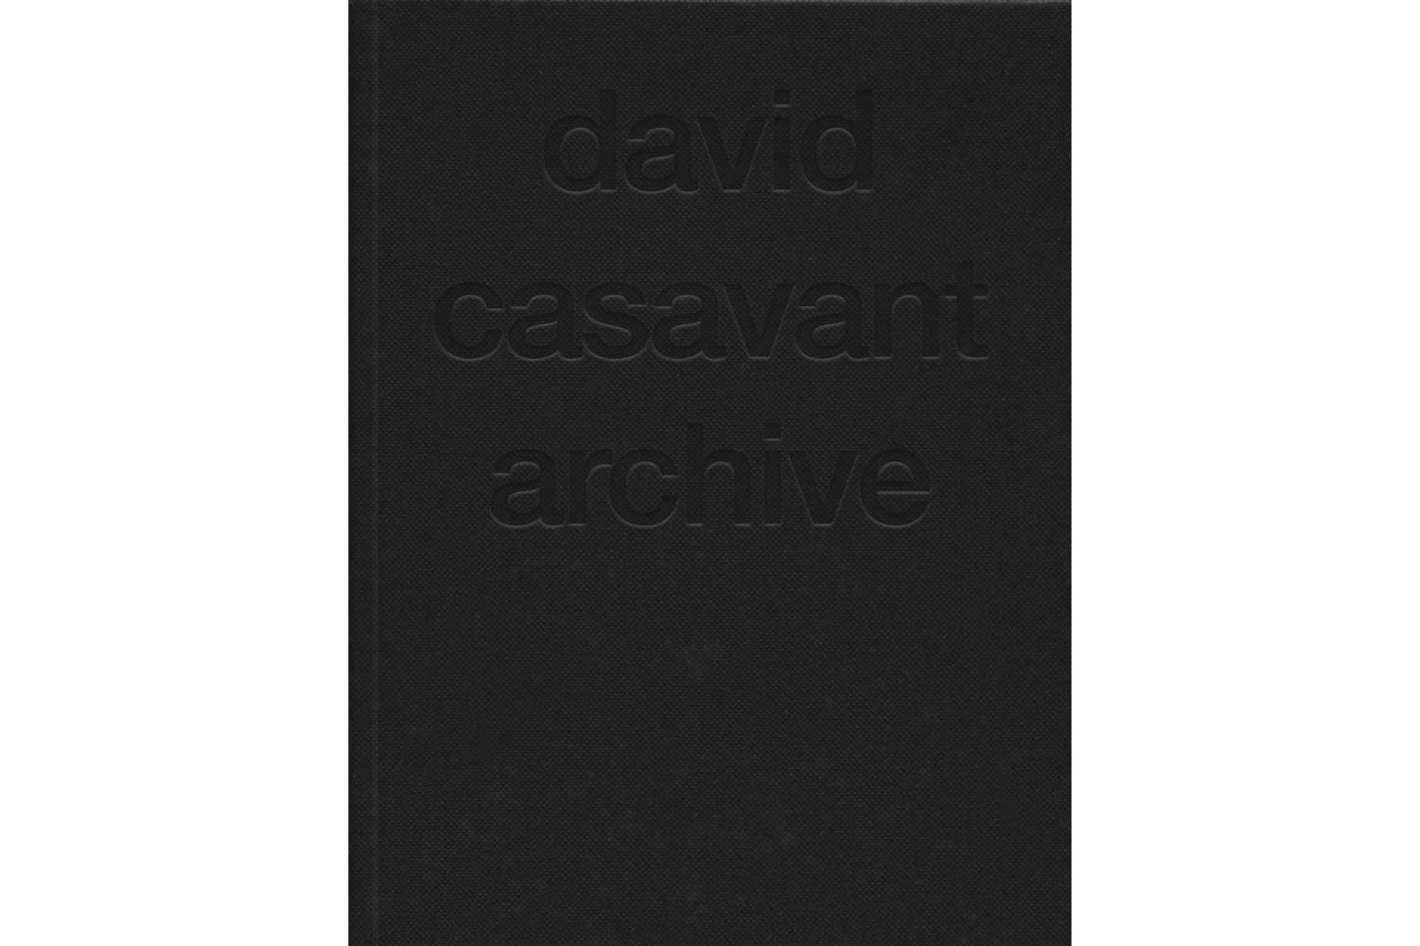 <em>David Casavant Archive</em>